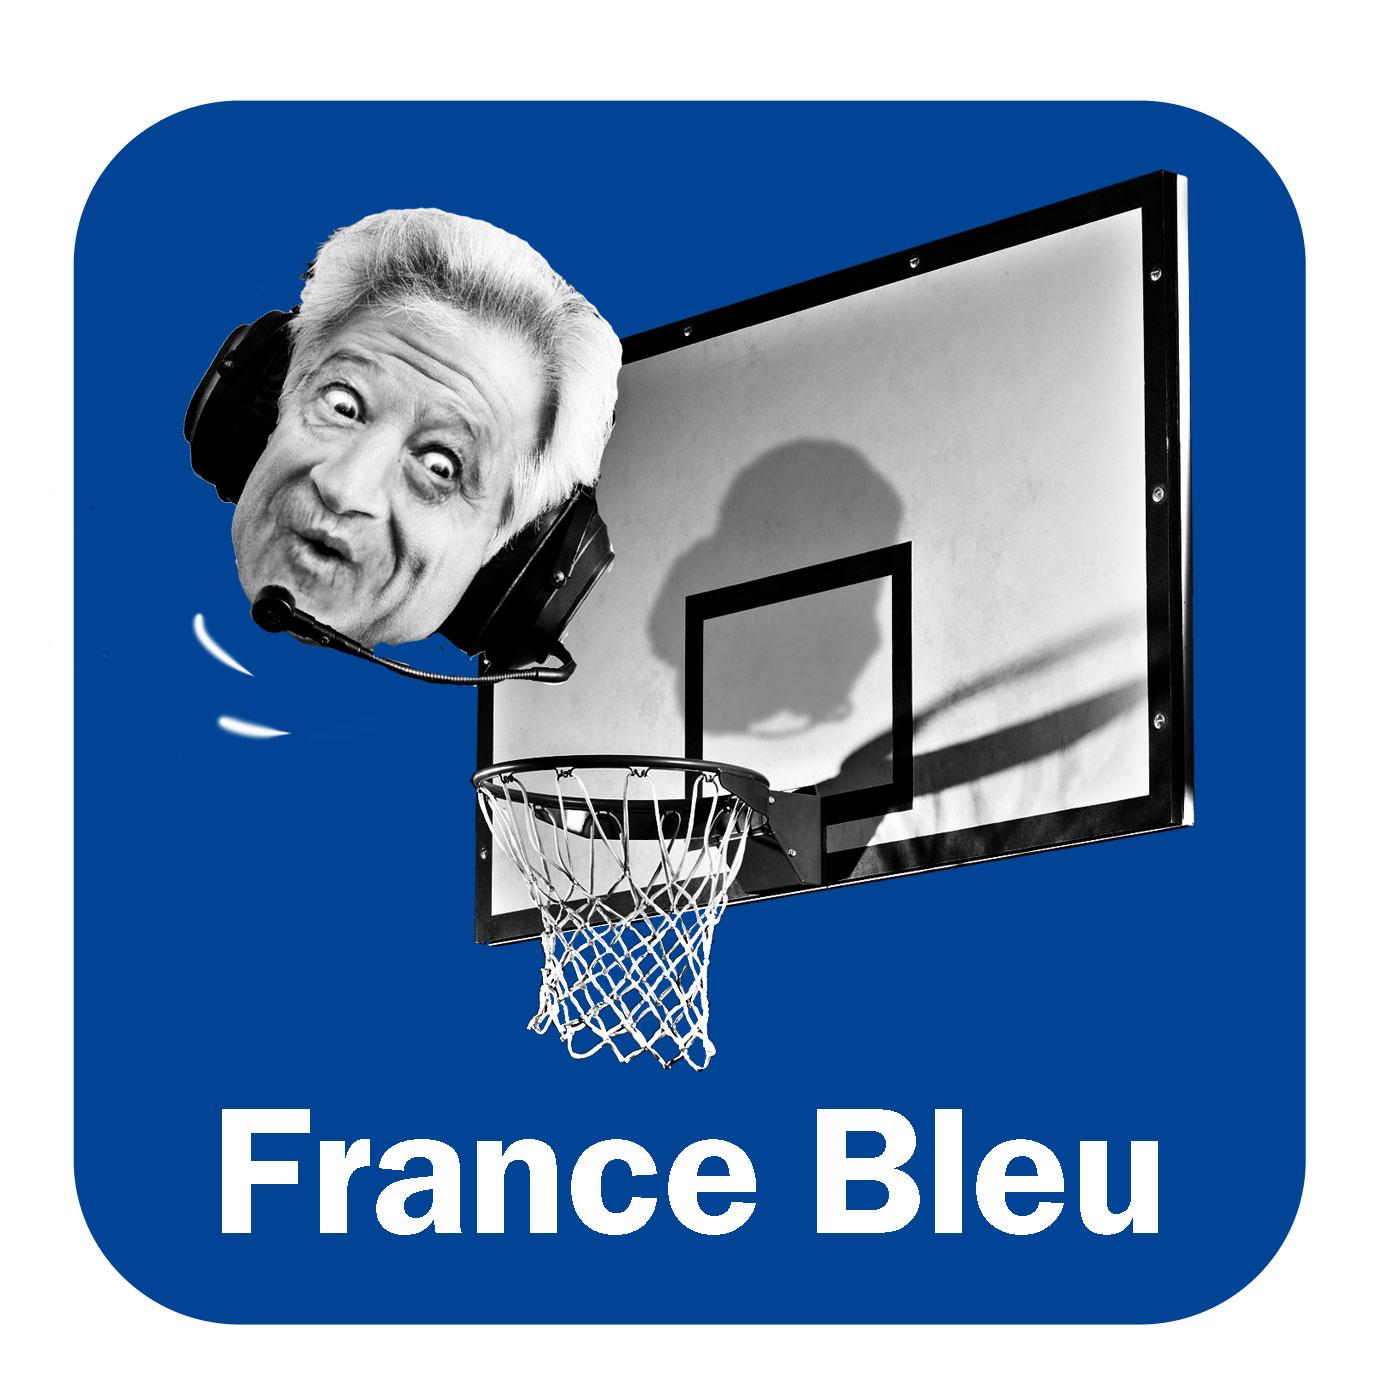 Bleu Blanc Vert France Bleu Limousin